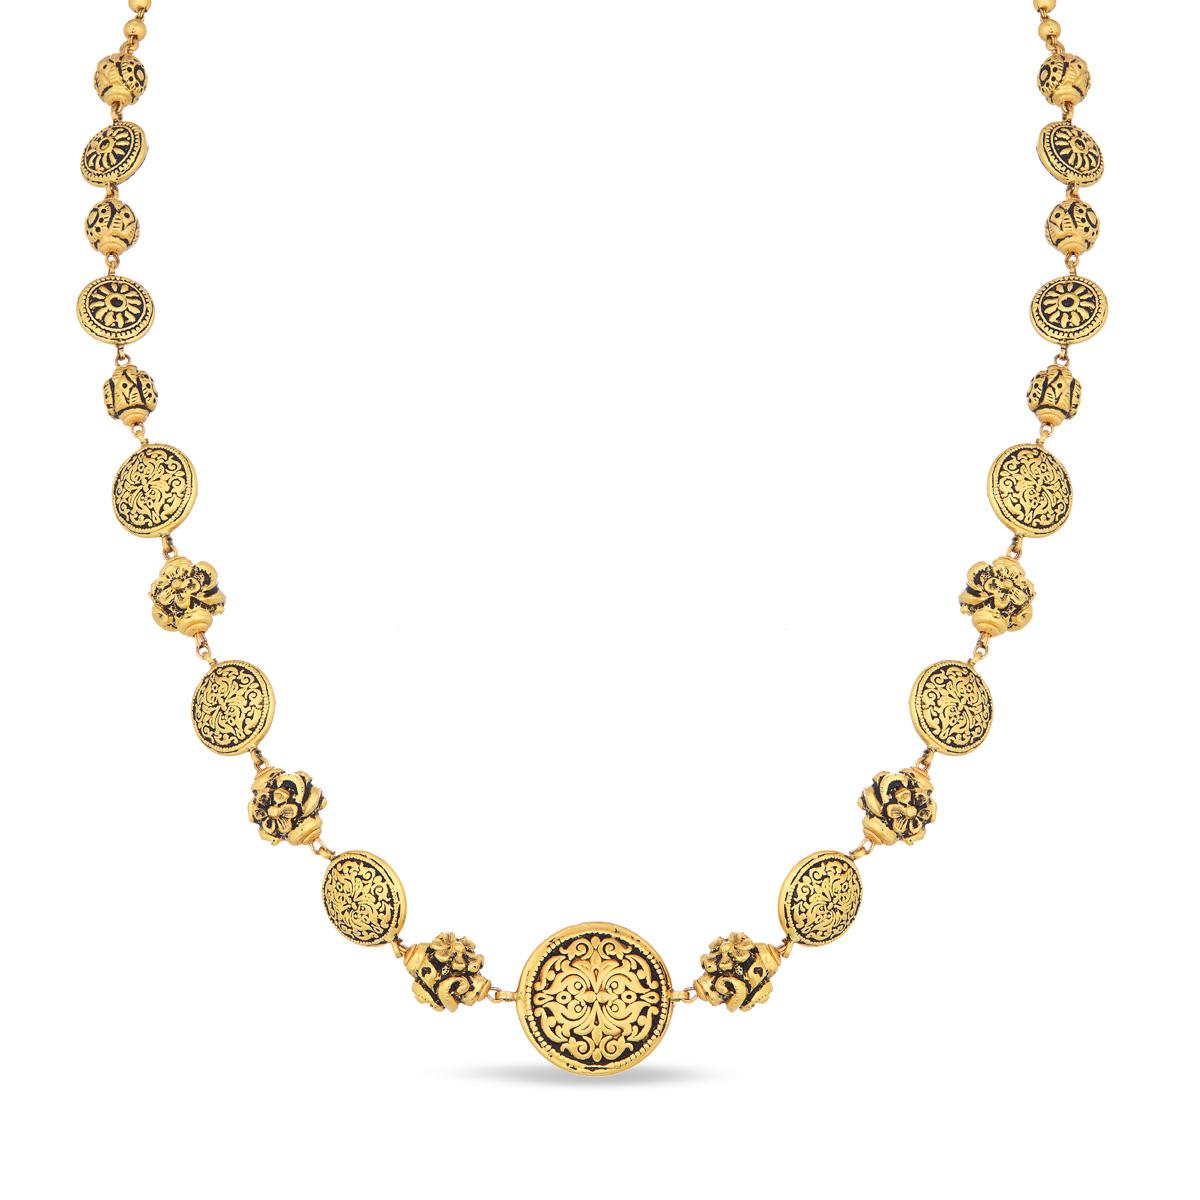 Floral Nagaas Chain